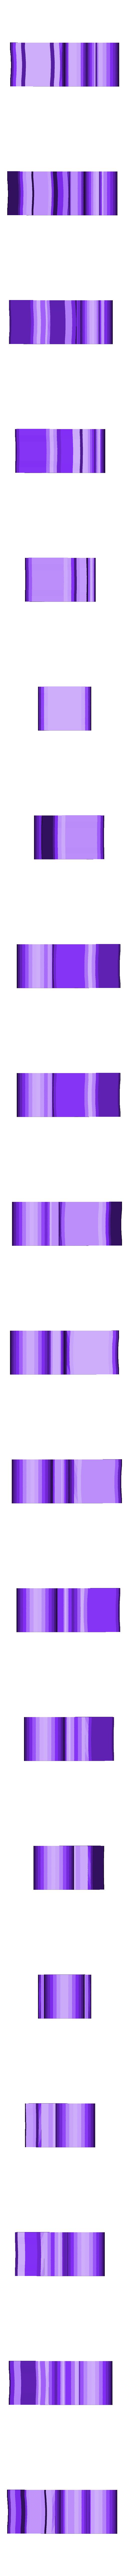 anneau_cintre_crochet.stl Télécharger fichier STL gratuit Support pour cravate et foulards • Modèle imprimable en 3D, ernestmocassin